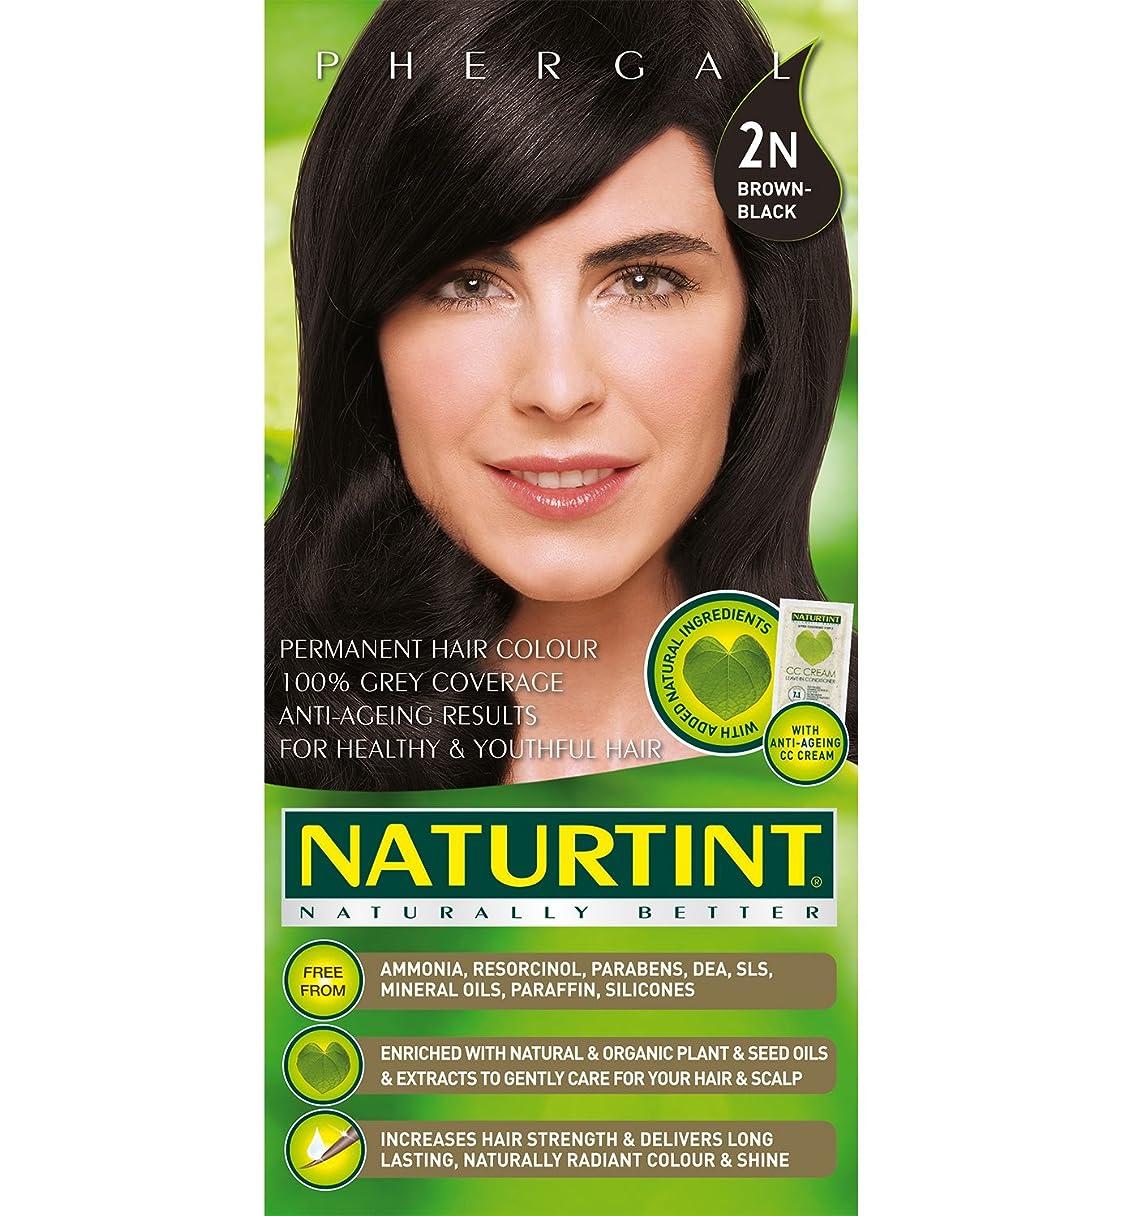 成功ジョガー力学Naturtint Hair Color 2N Brown Black Permanent (並行輸入品)